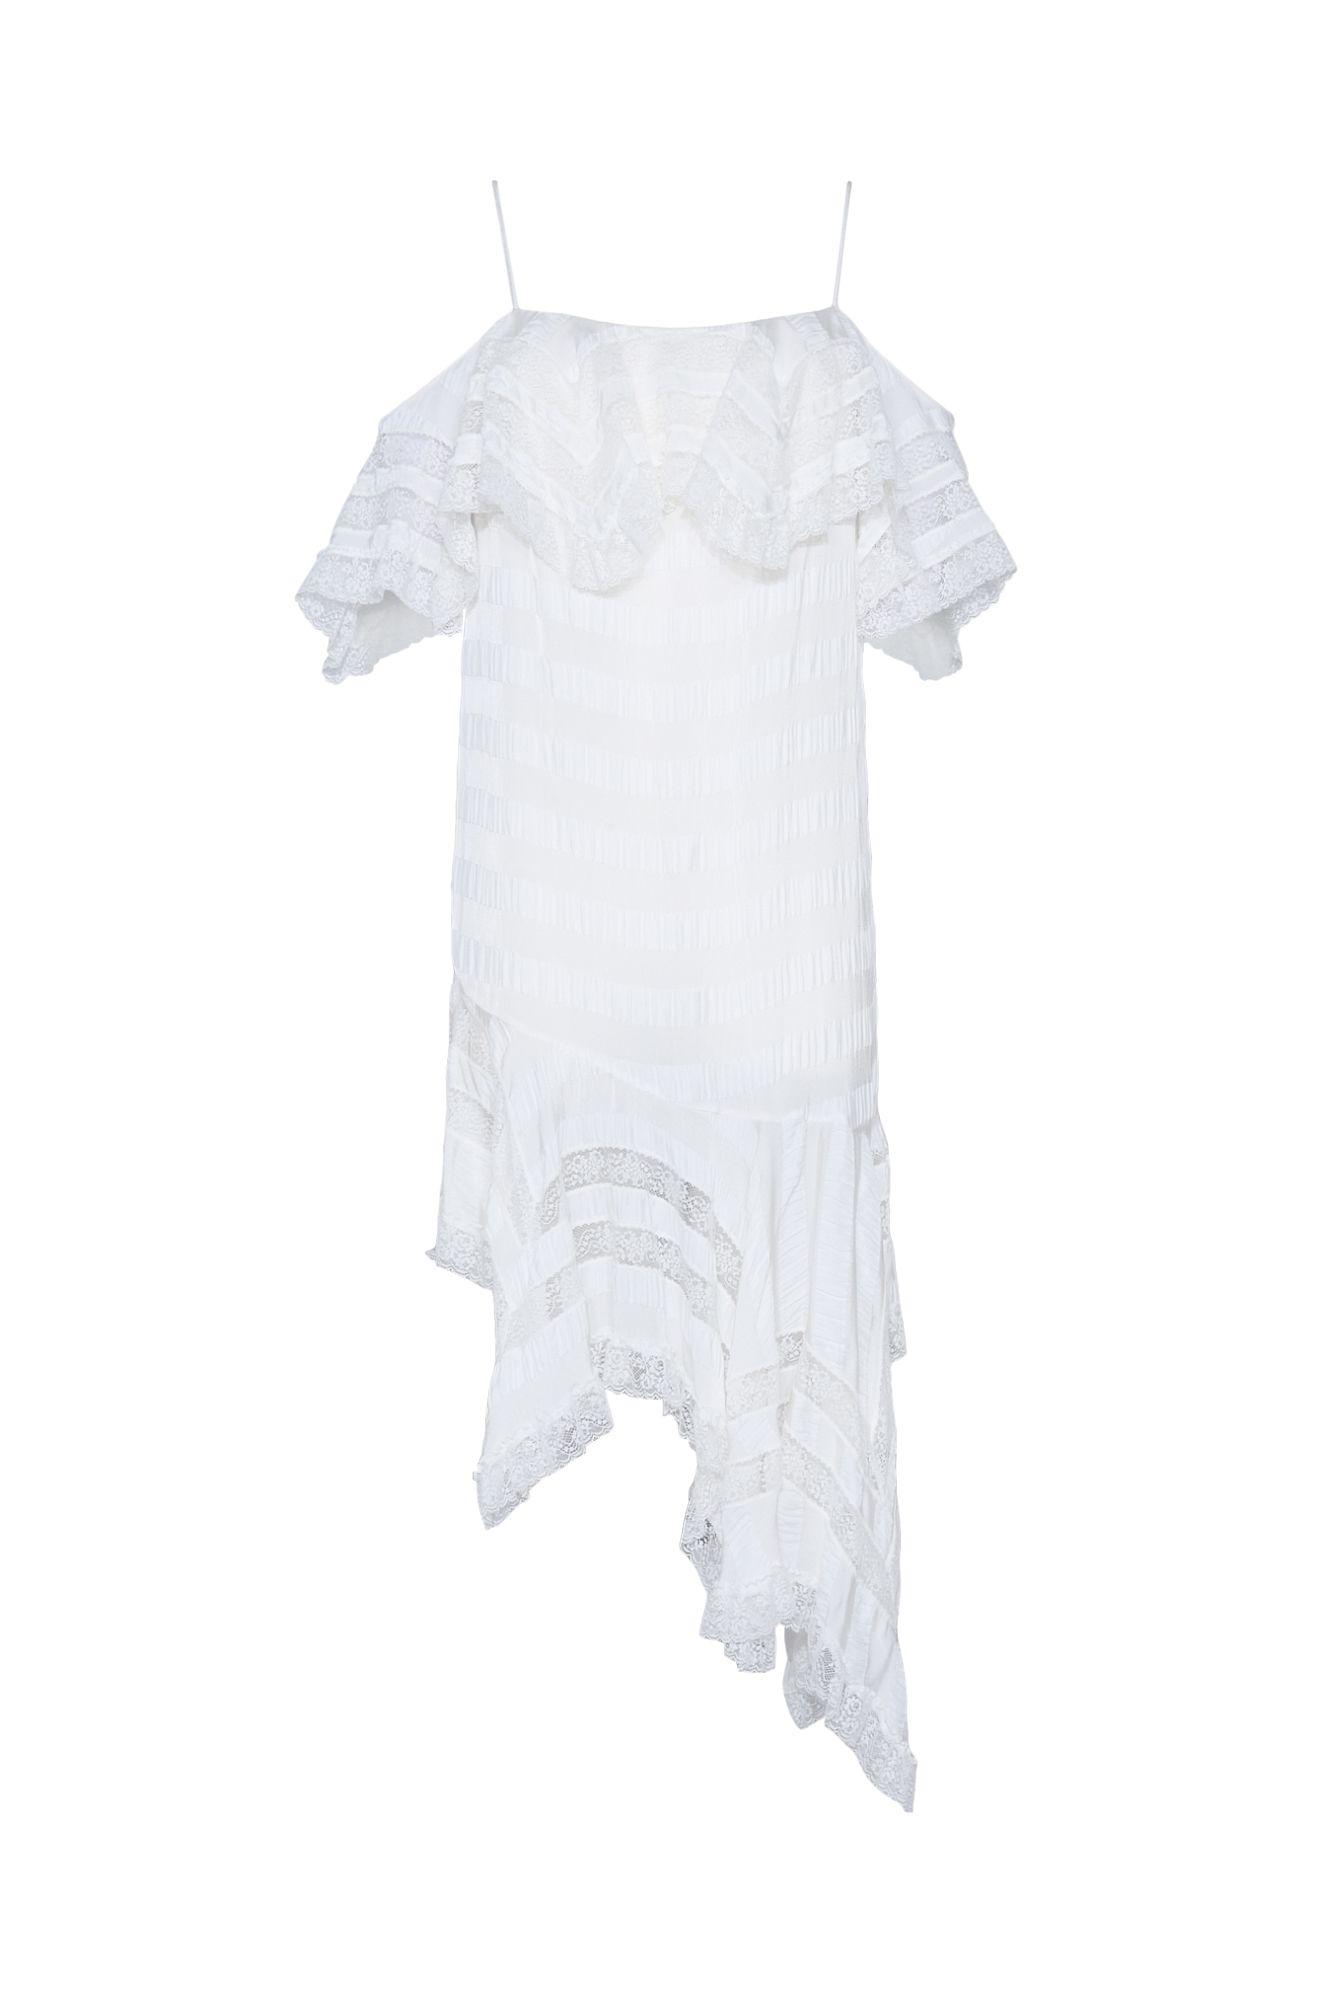 CORSAIR SLIP DRESS